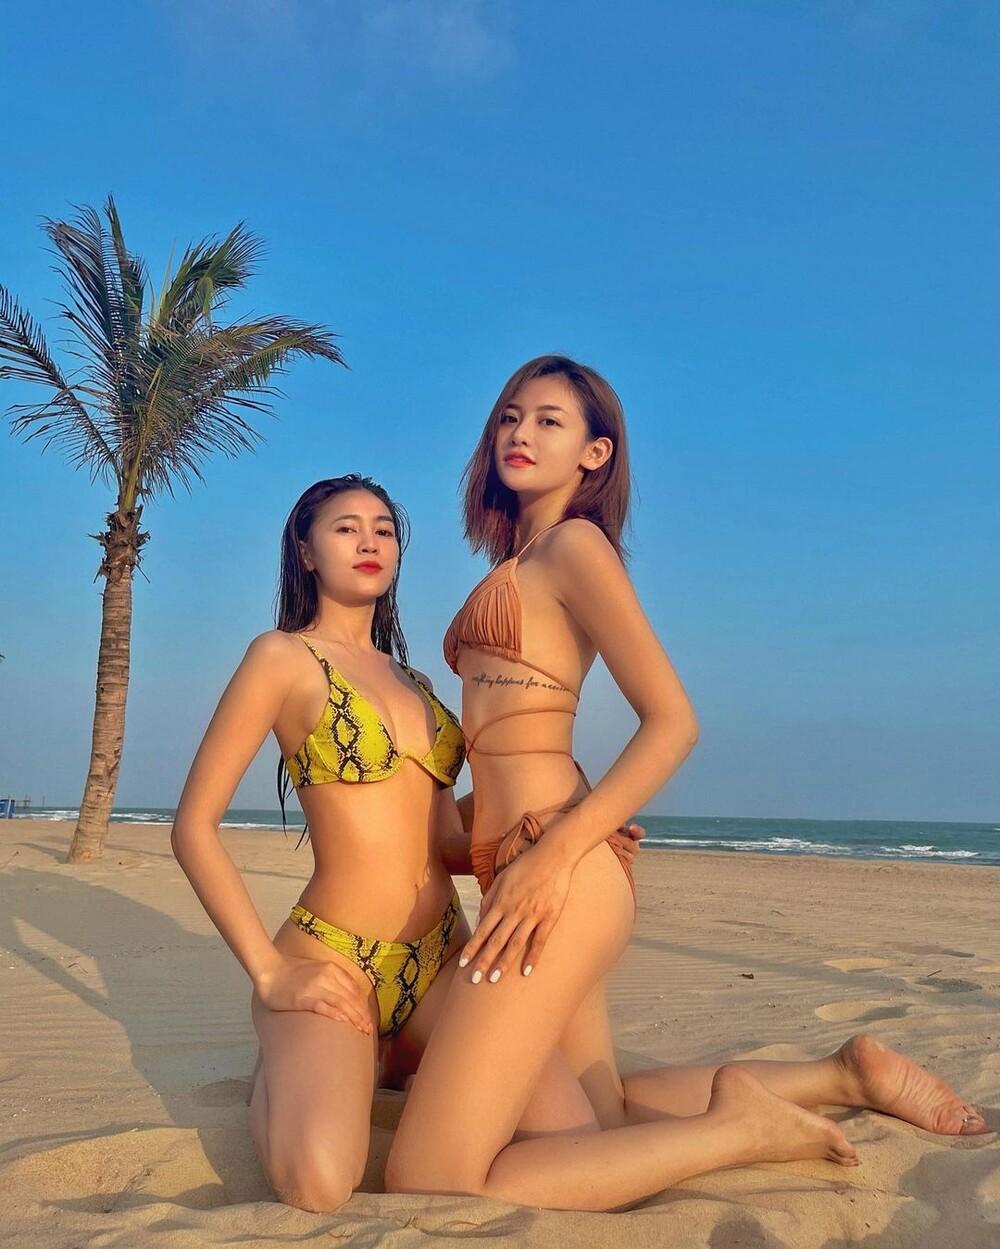 Ninh Dương Lan Ngọc, Tú Hảo, Thùy Anh đọ body khiến fan 'xoắn não' không biết ai đẹp hơn Ảnh 3